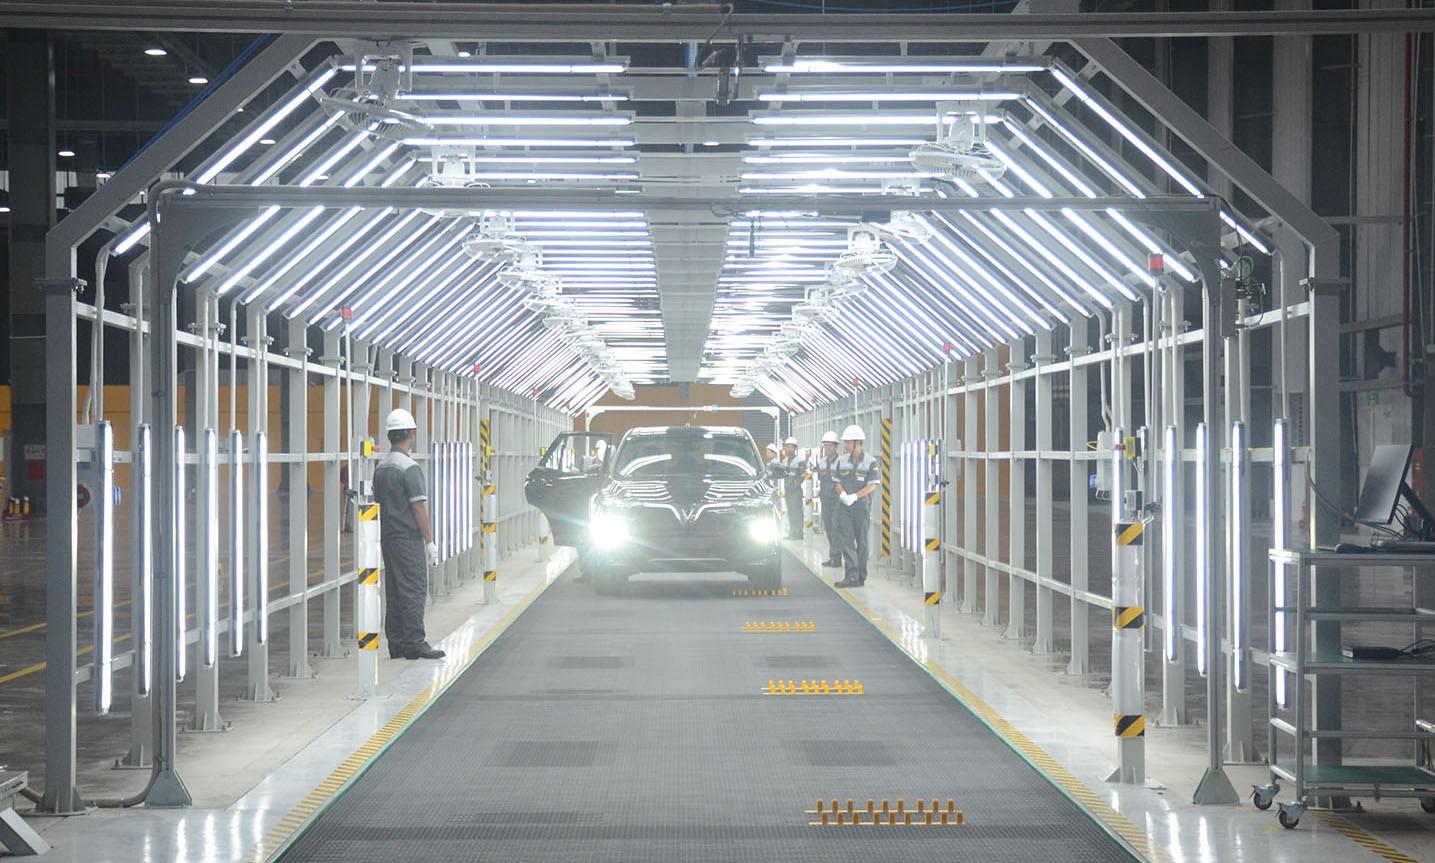 Xem quy trình lắp ráp ôtô VinFast trước ngày đi vào sản xuất thương mại - Ảnh 14.